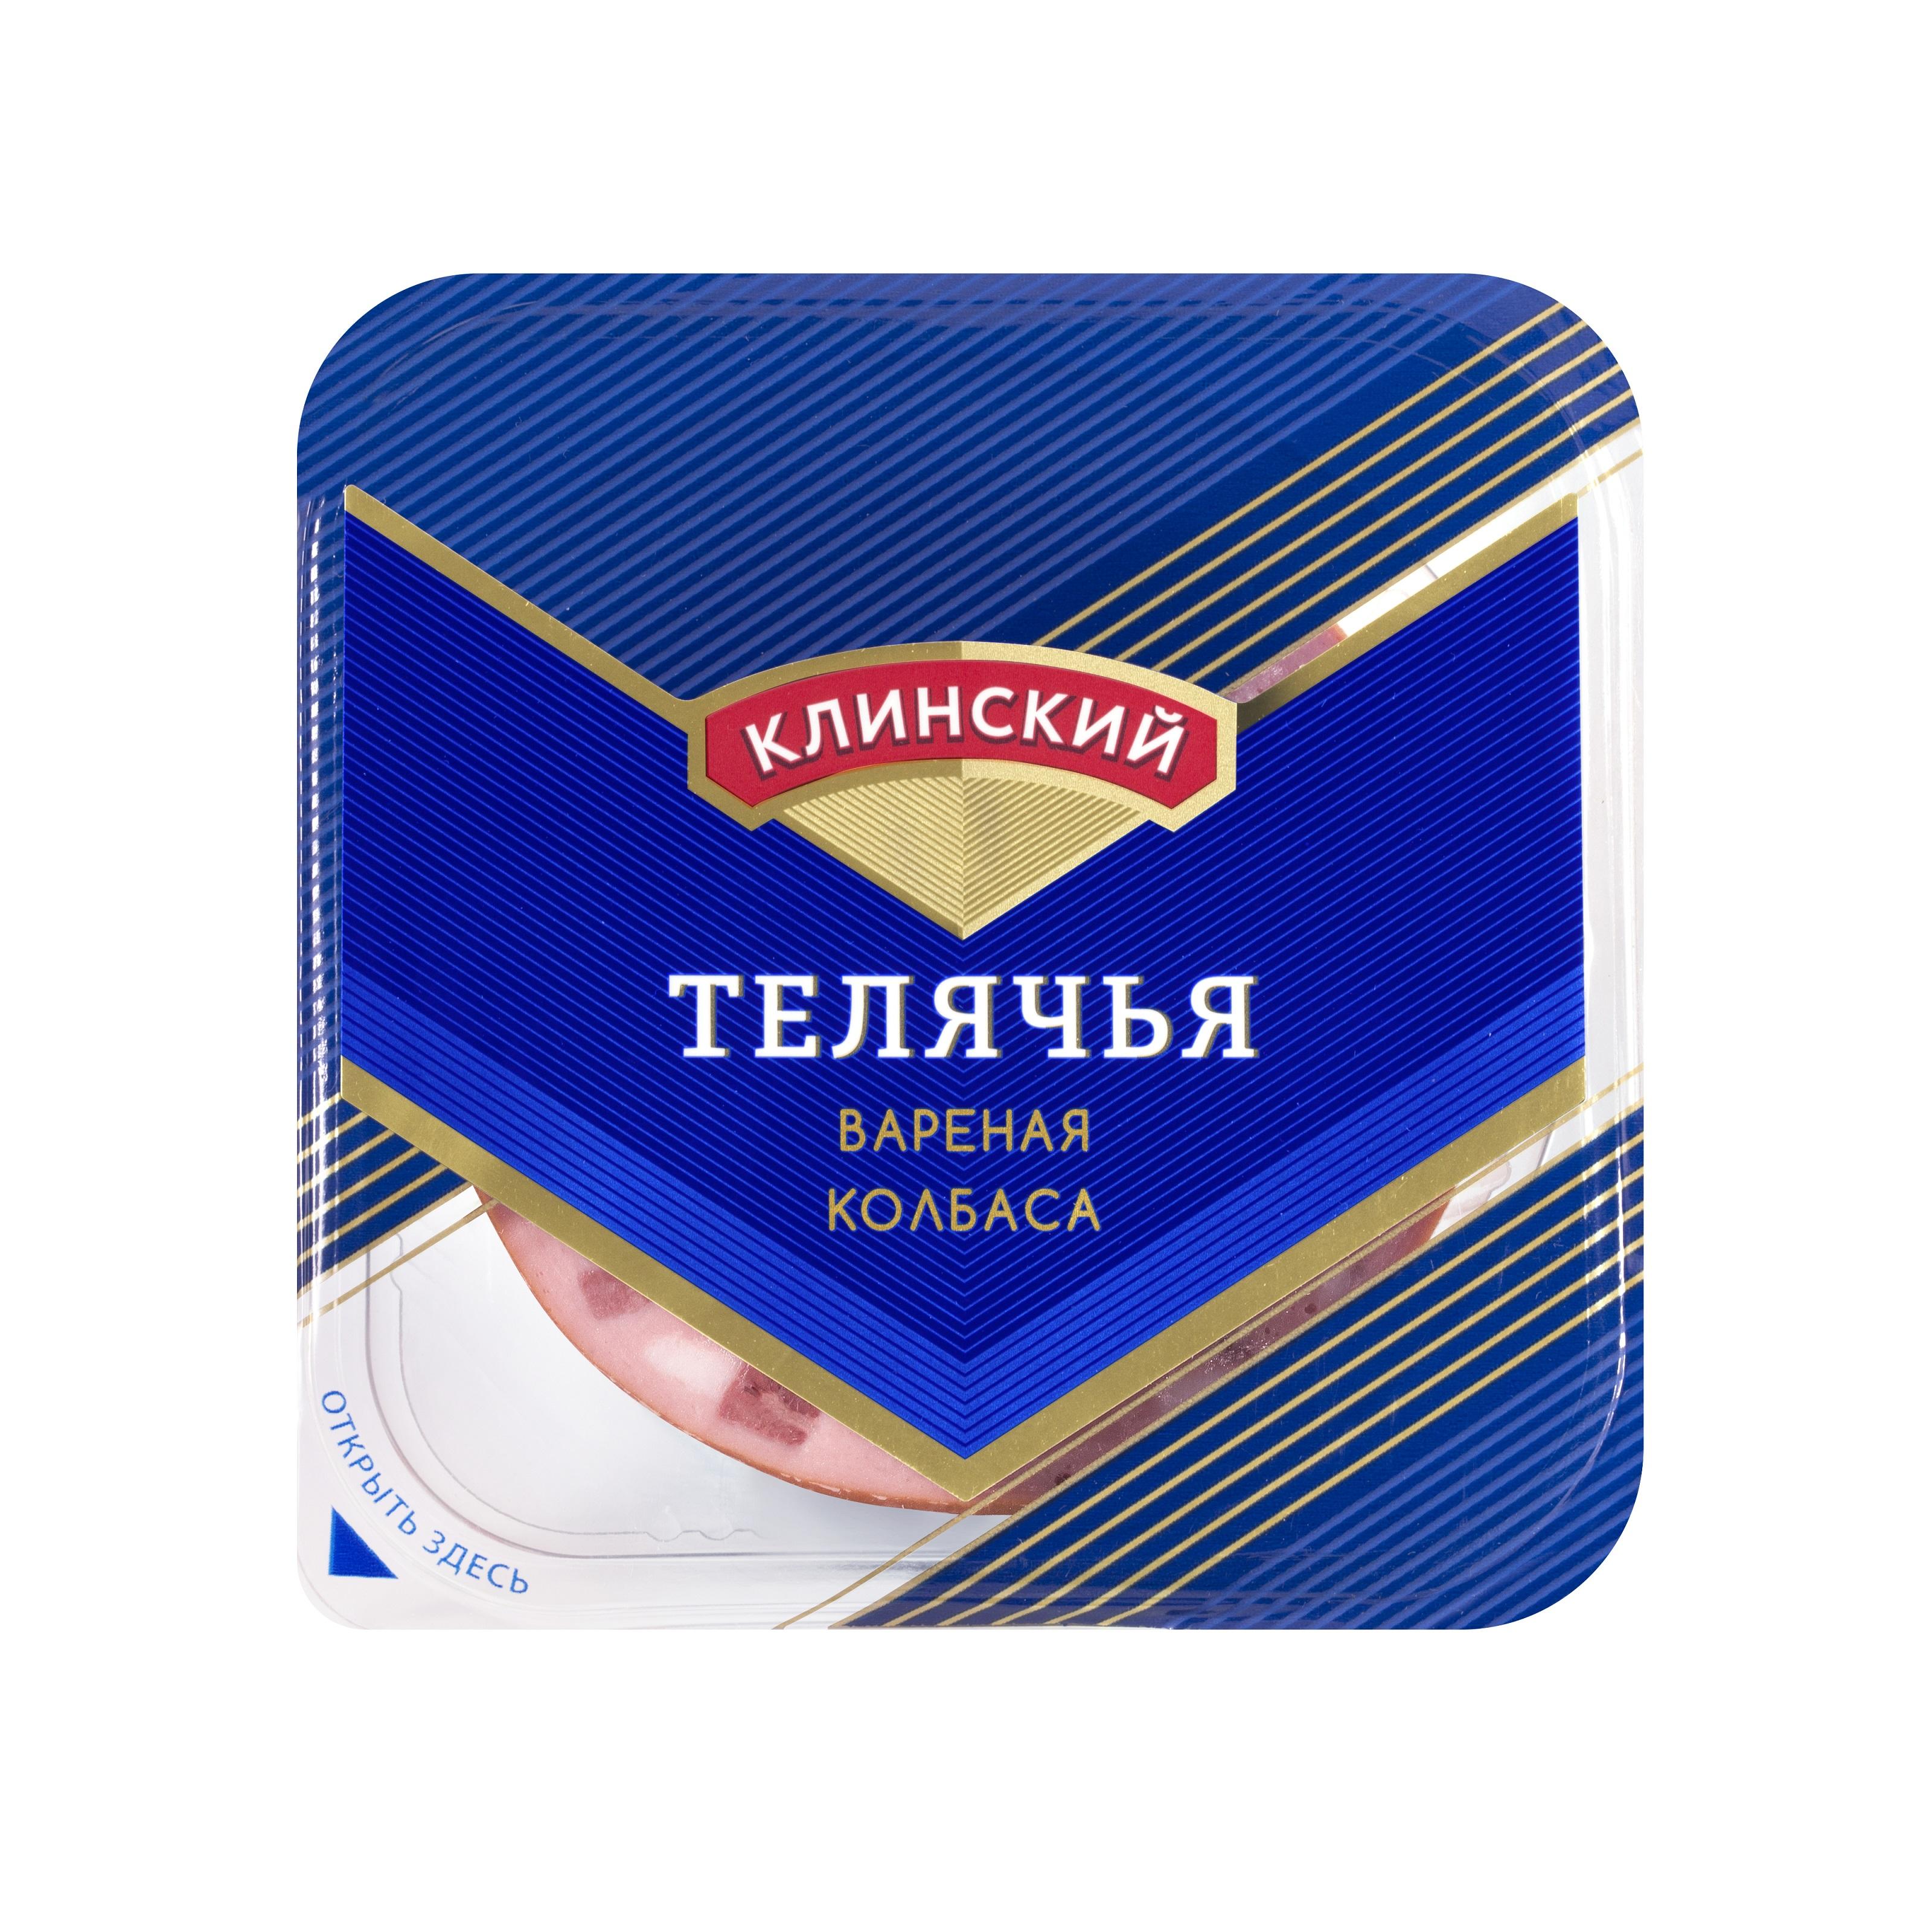 Колбаса Телячья вареная нарезка 190 г Клинский